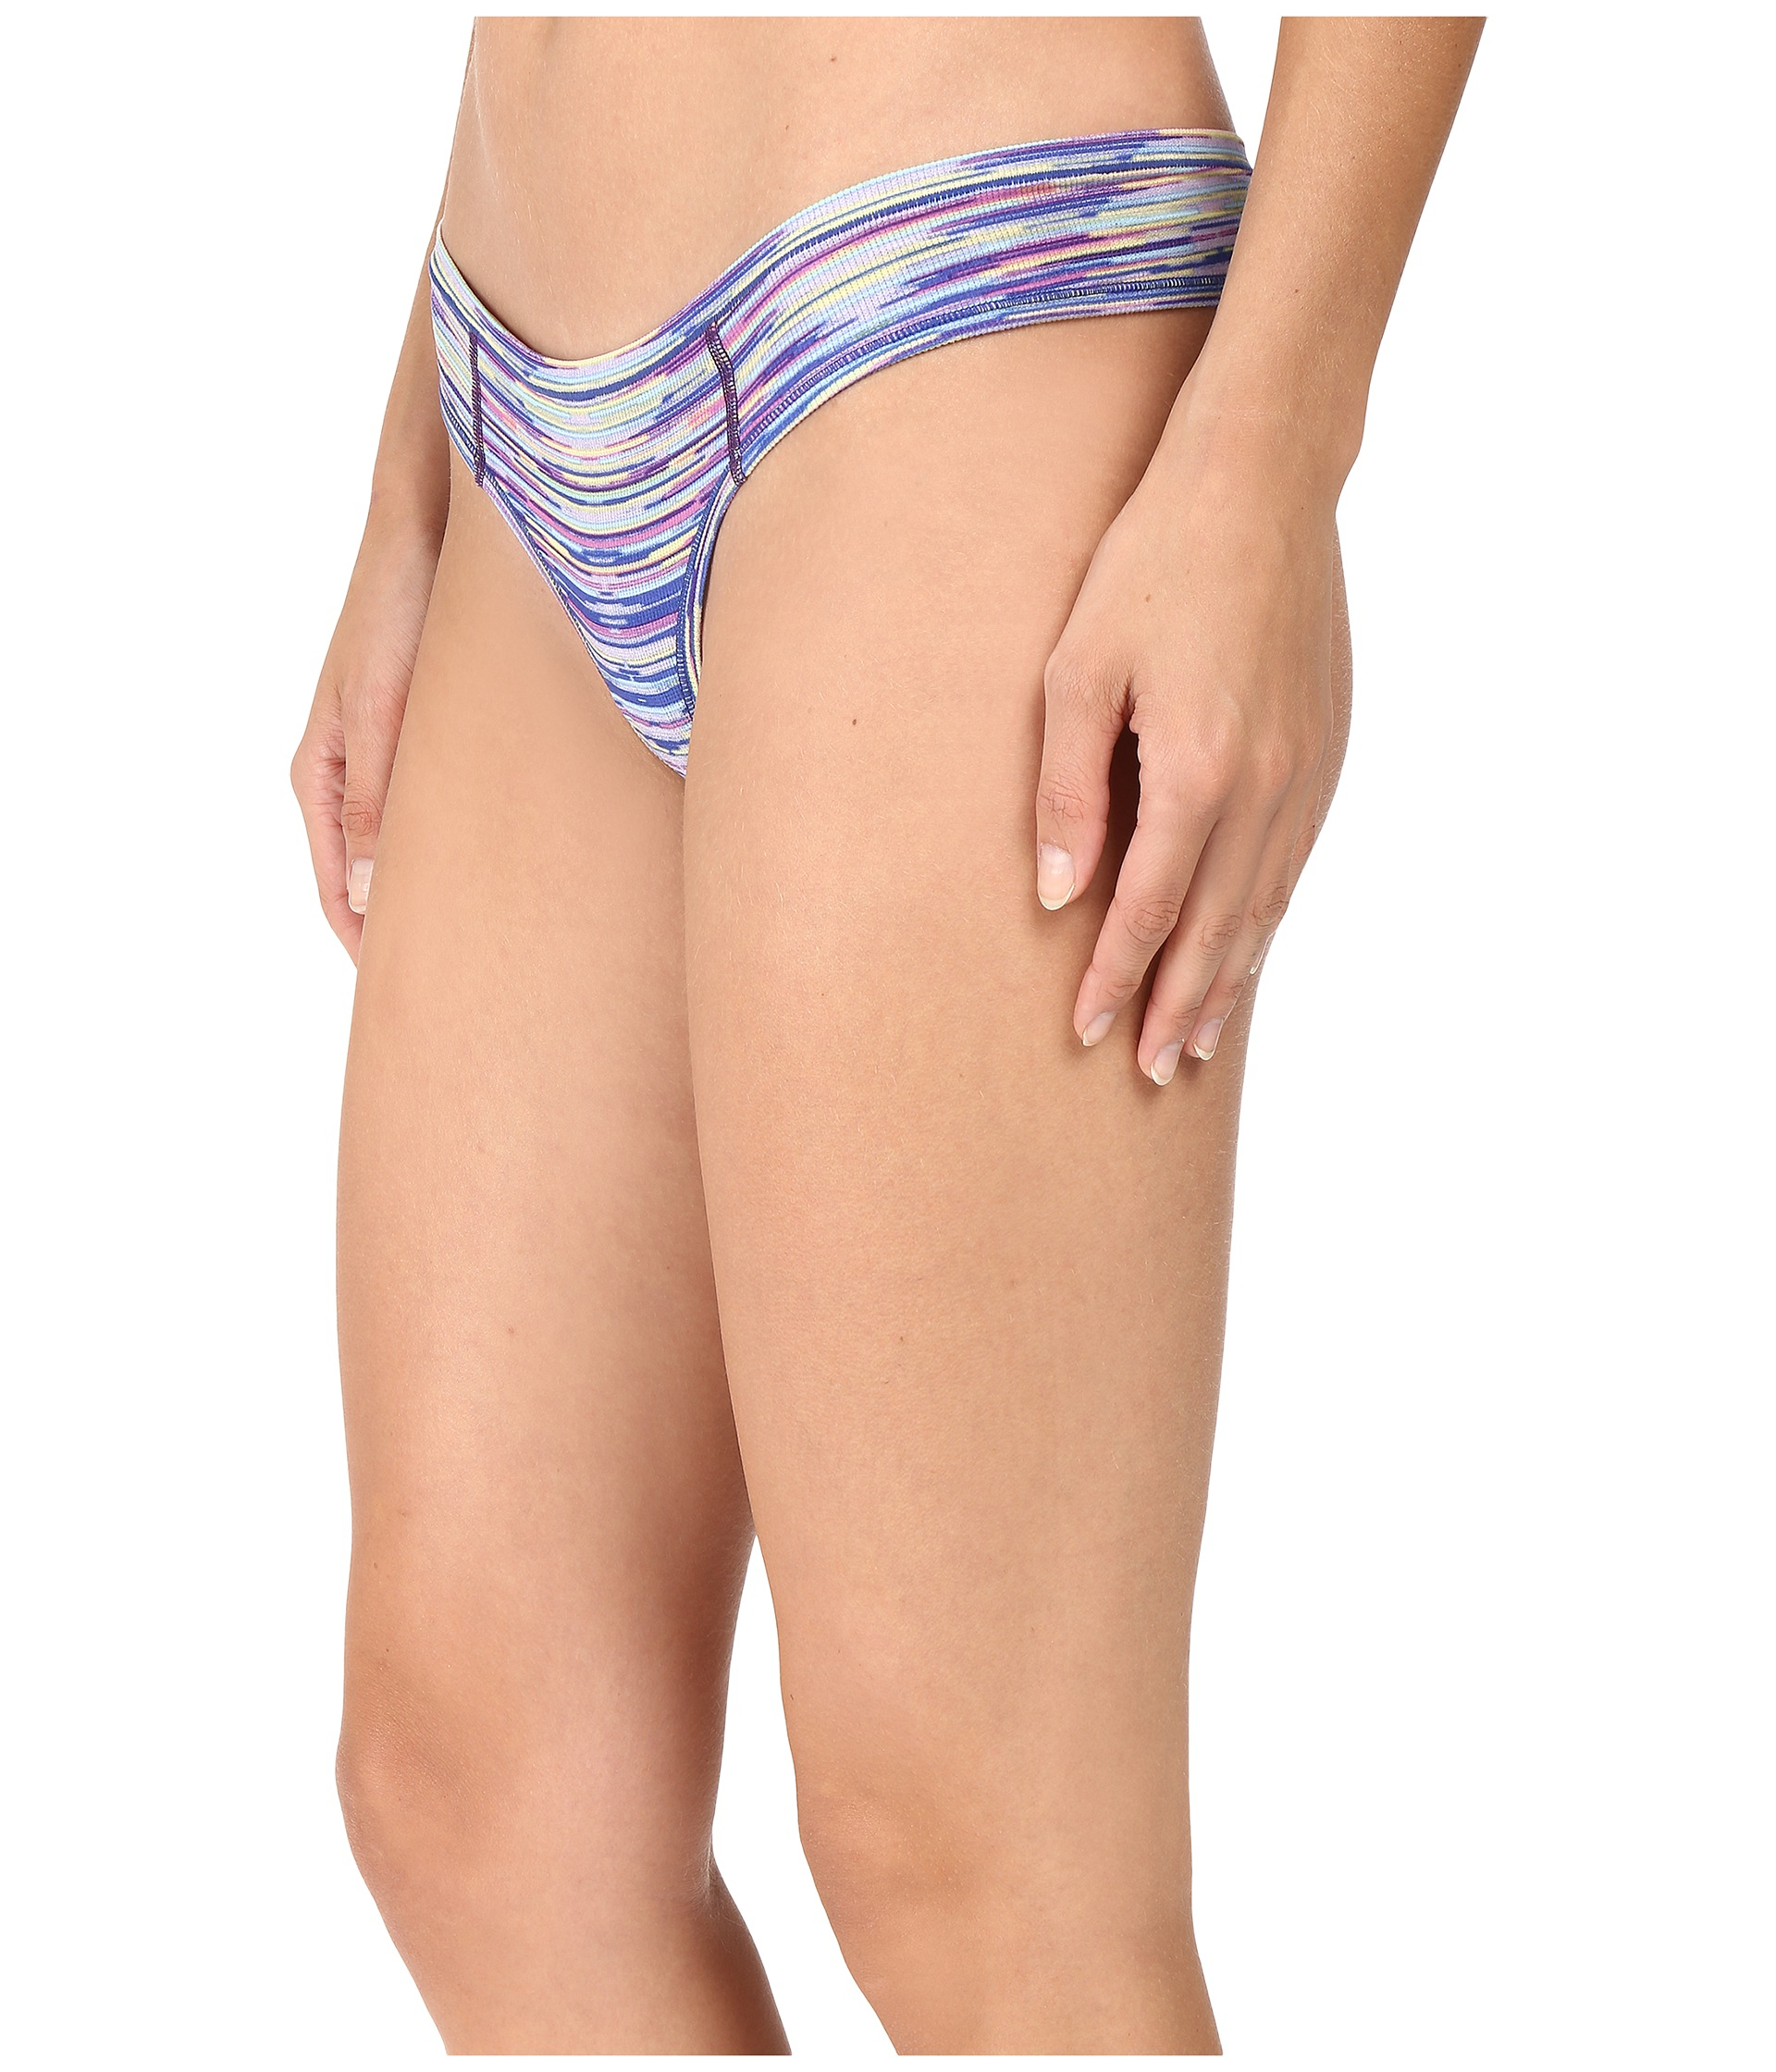 single underwear is not - photo #25